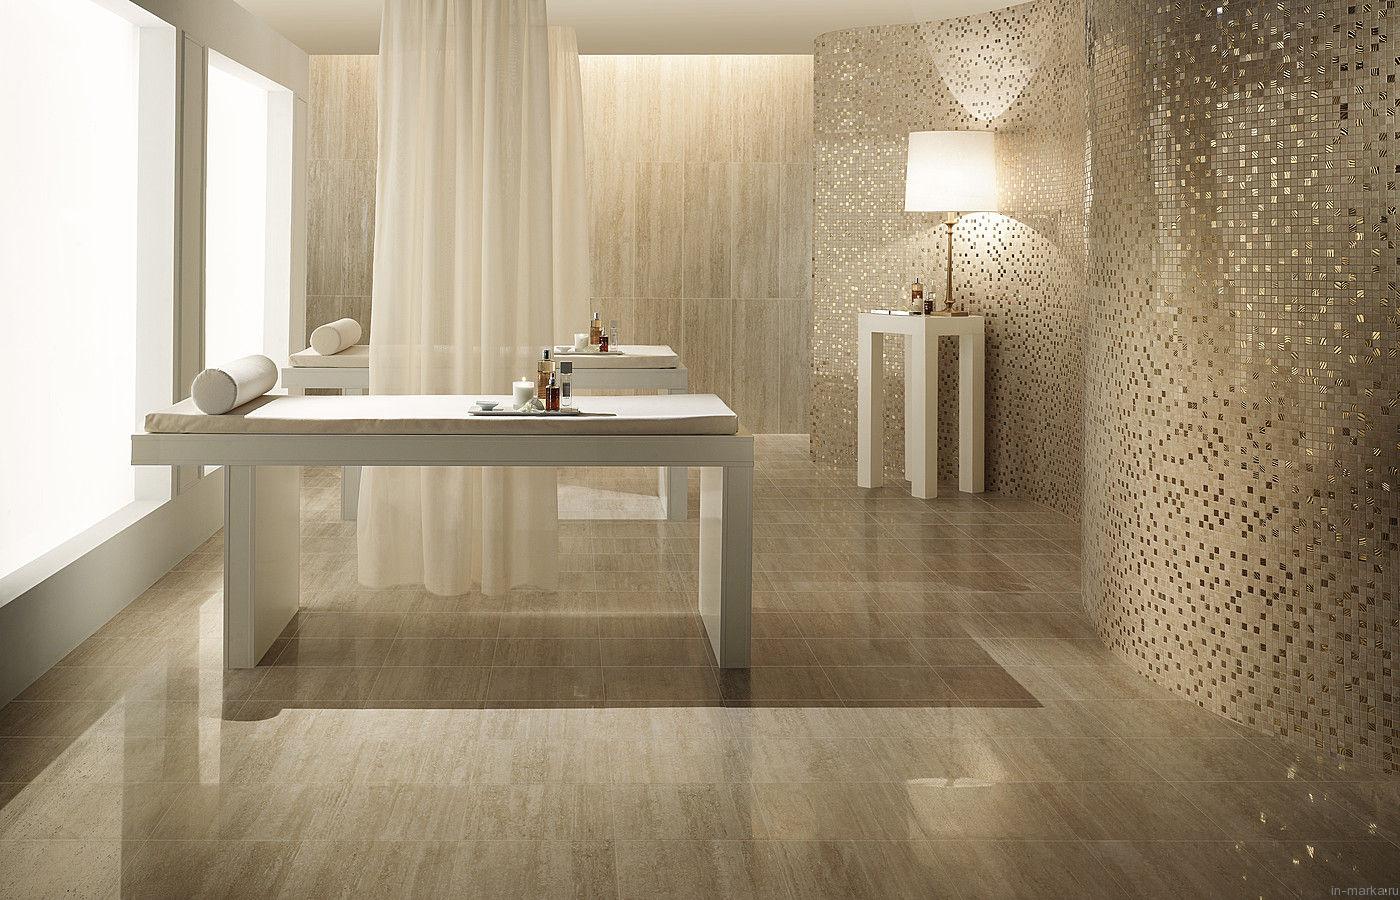 Gloss cream floor tiles